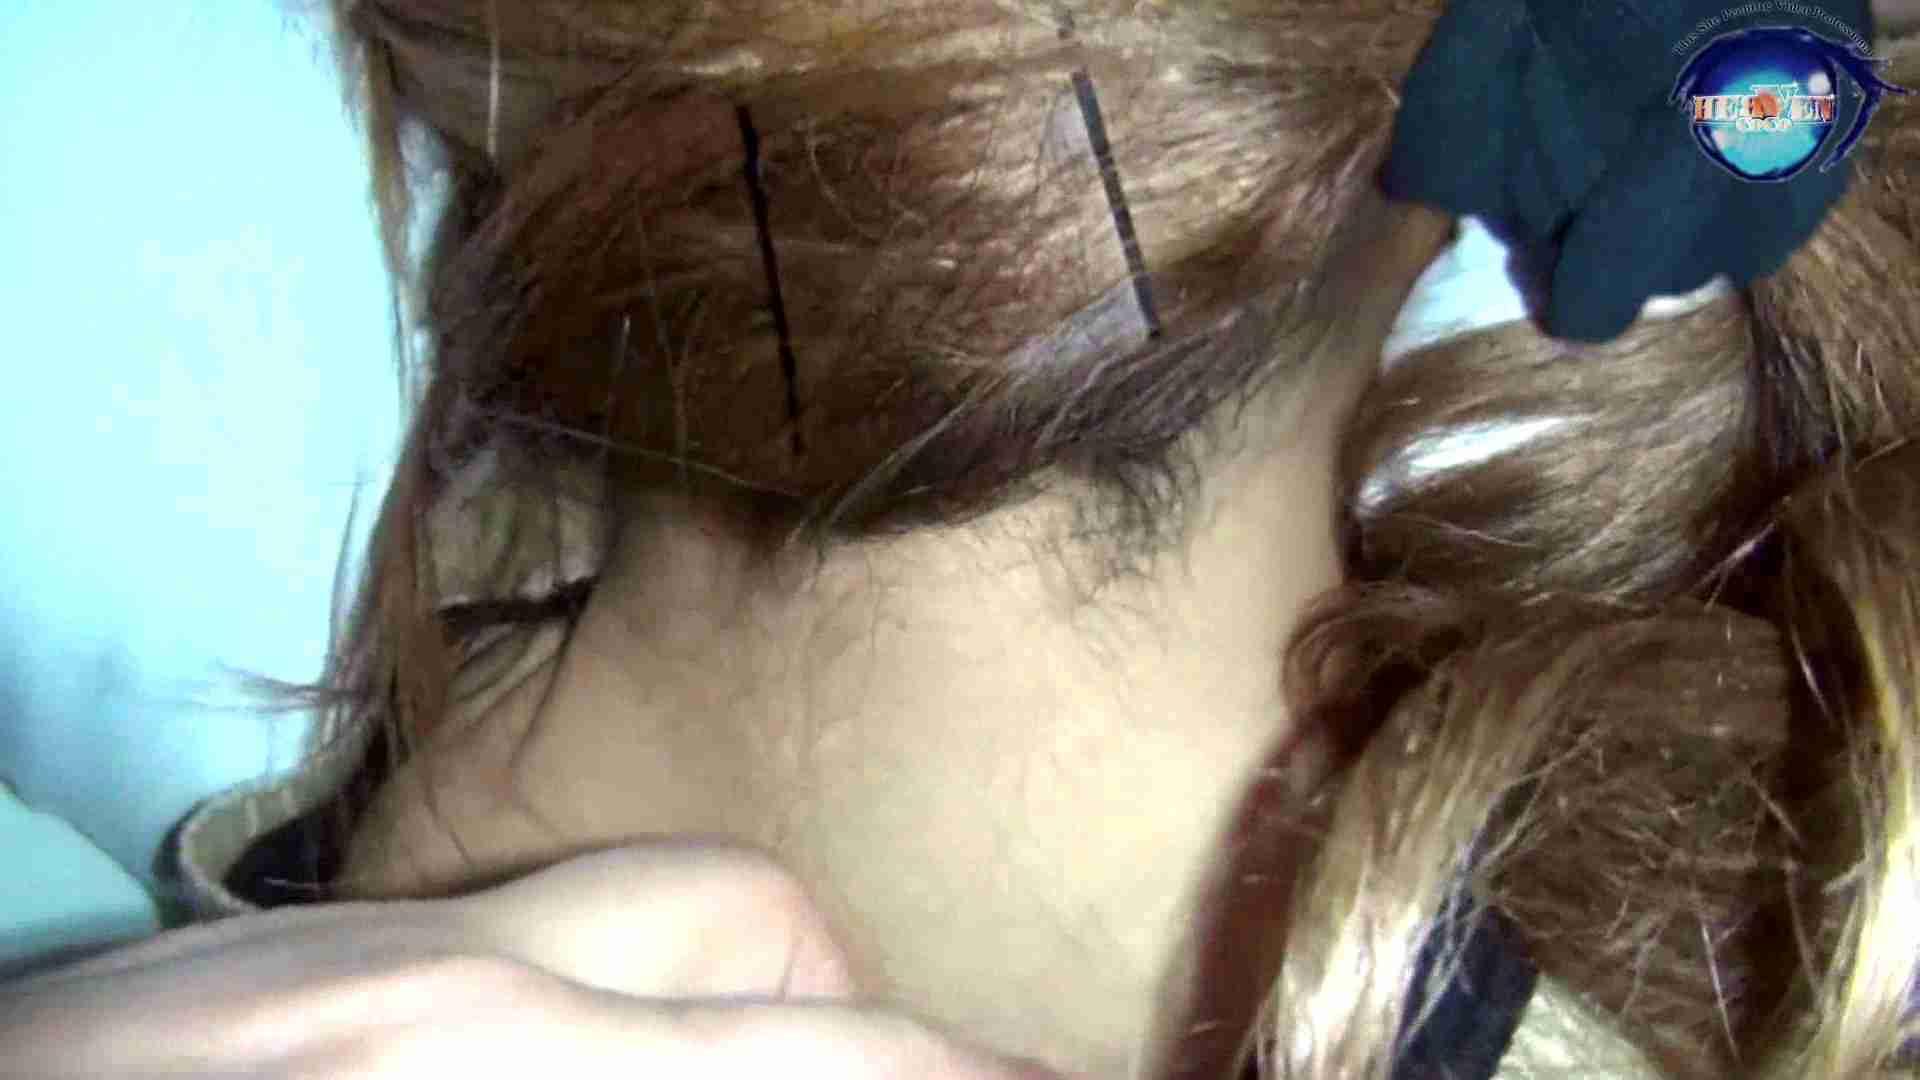 睡魔 シュウライ 第参十話 前半 乳首ポロリ   イタズラ  60画像 45